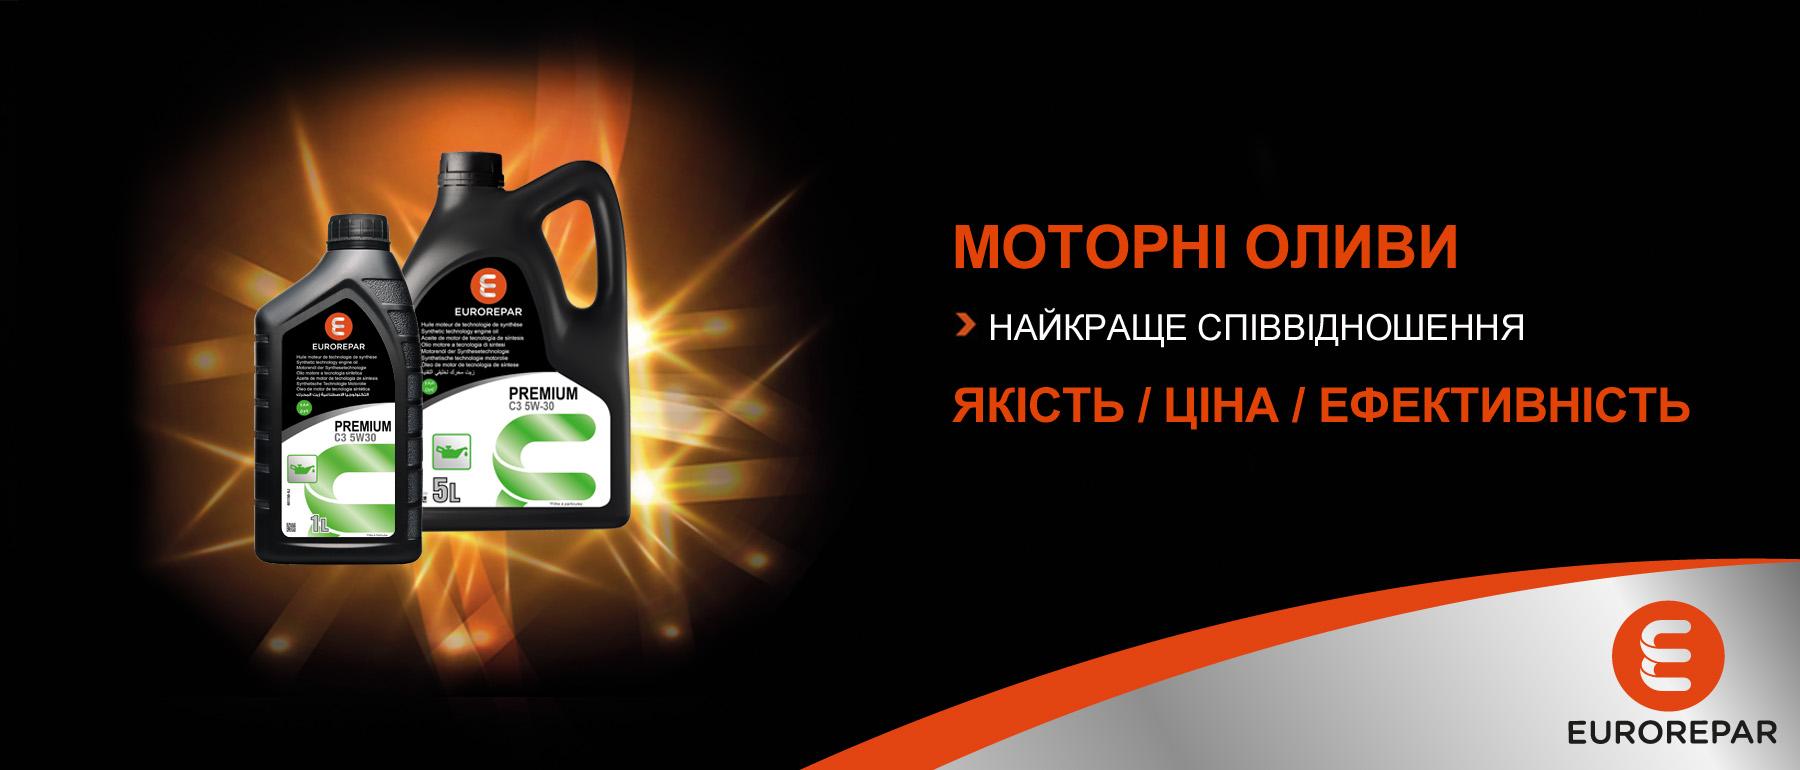 Моторні оливи EUROREPAR